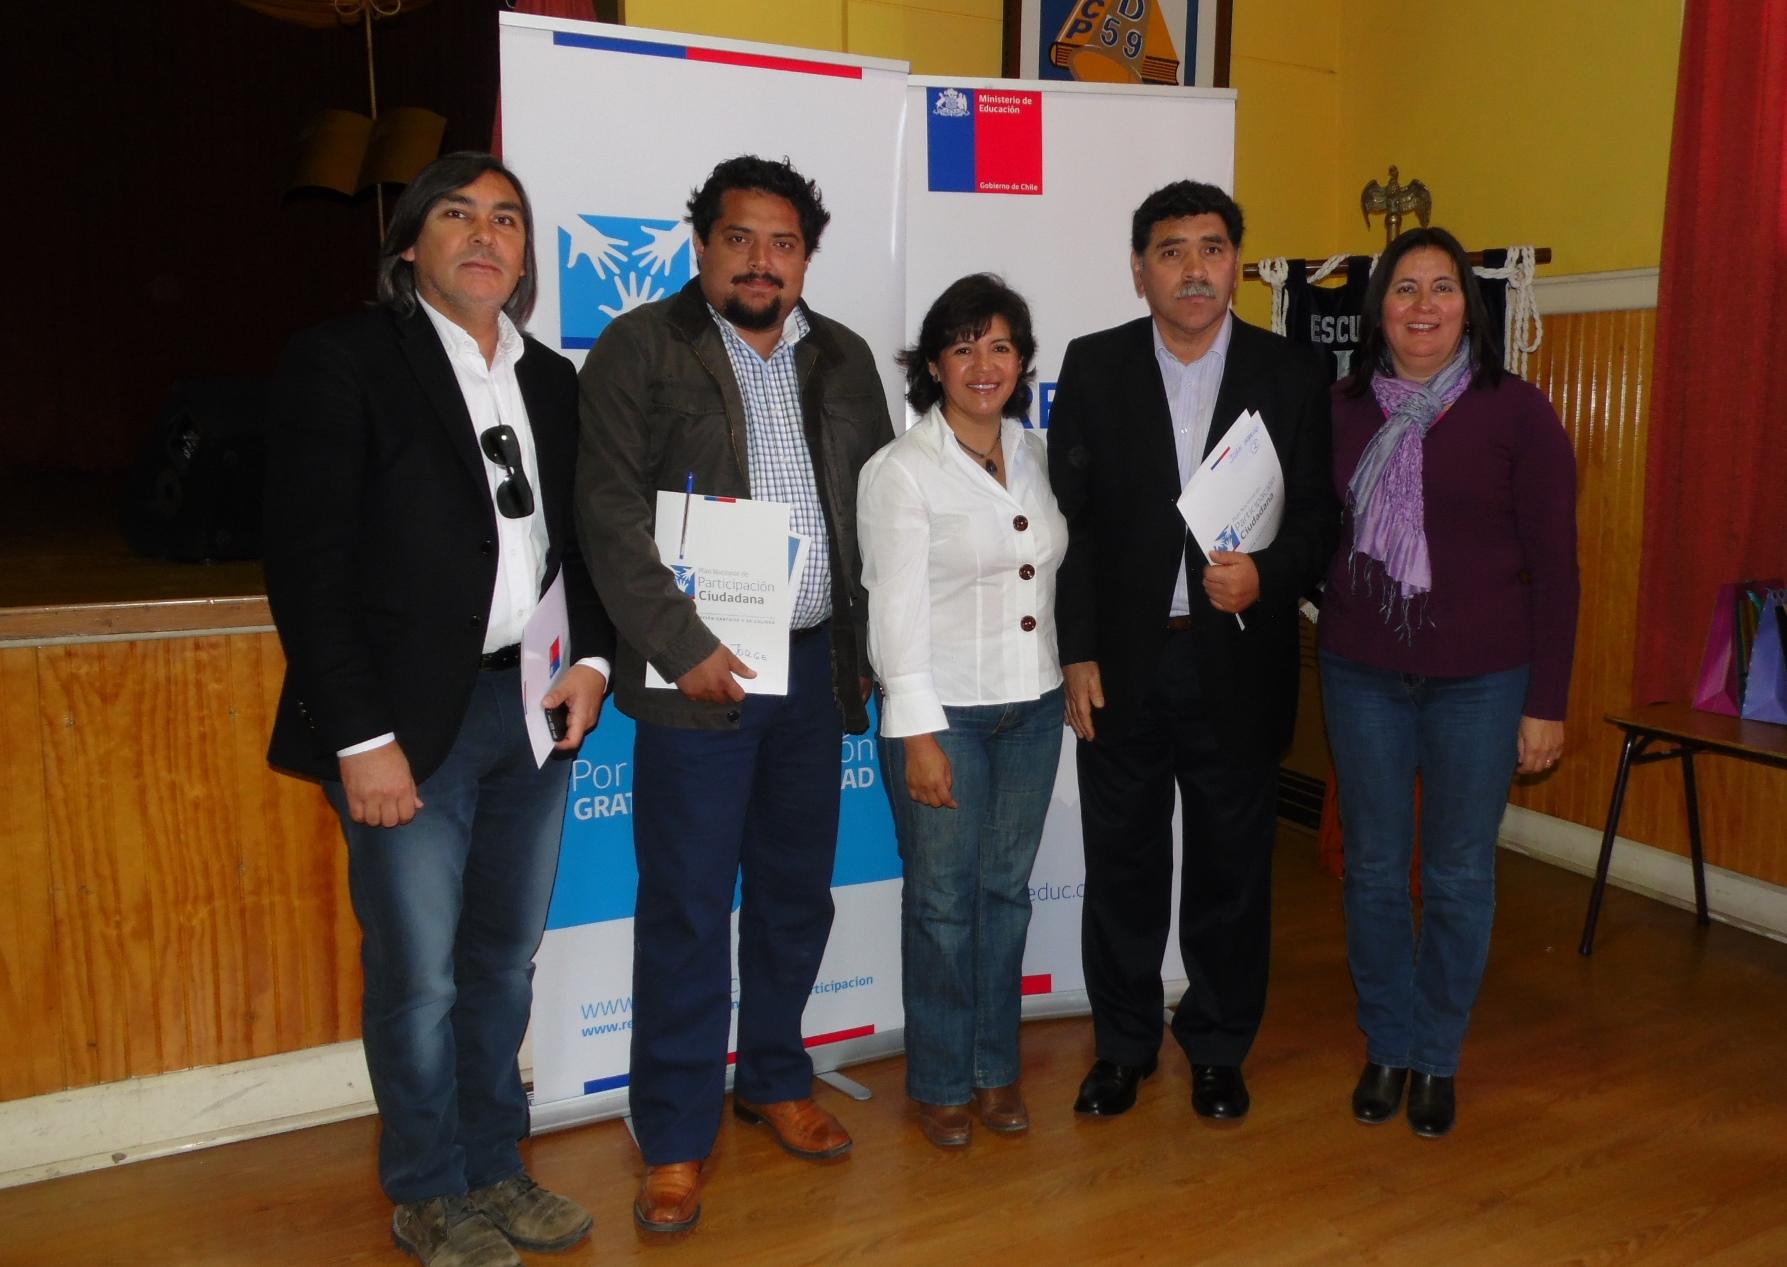 Seremi de Gobierno destacó participación en diálogo ciudadano de la Reforma Educacional en Vallenar